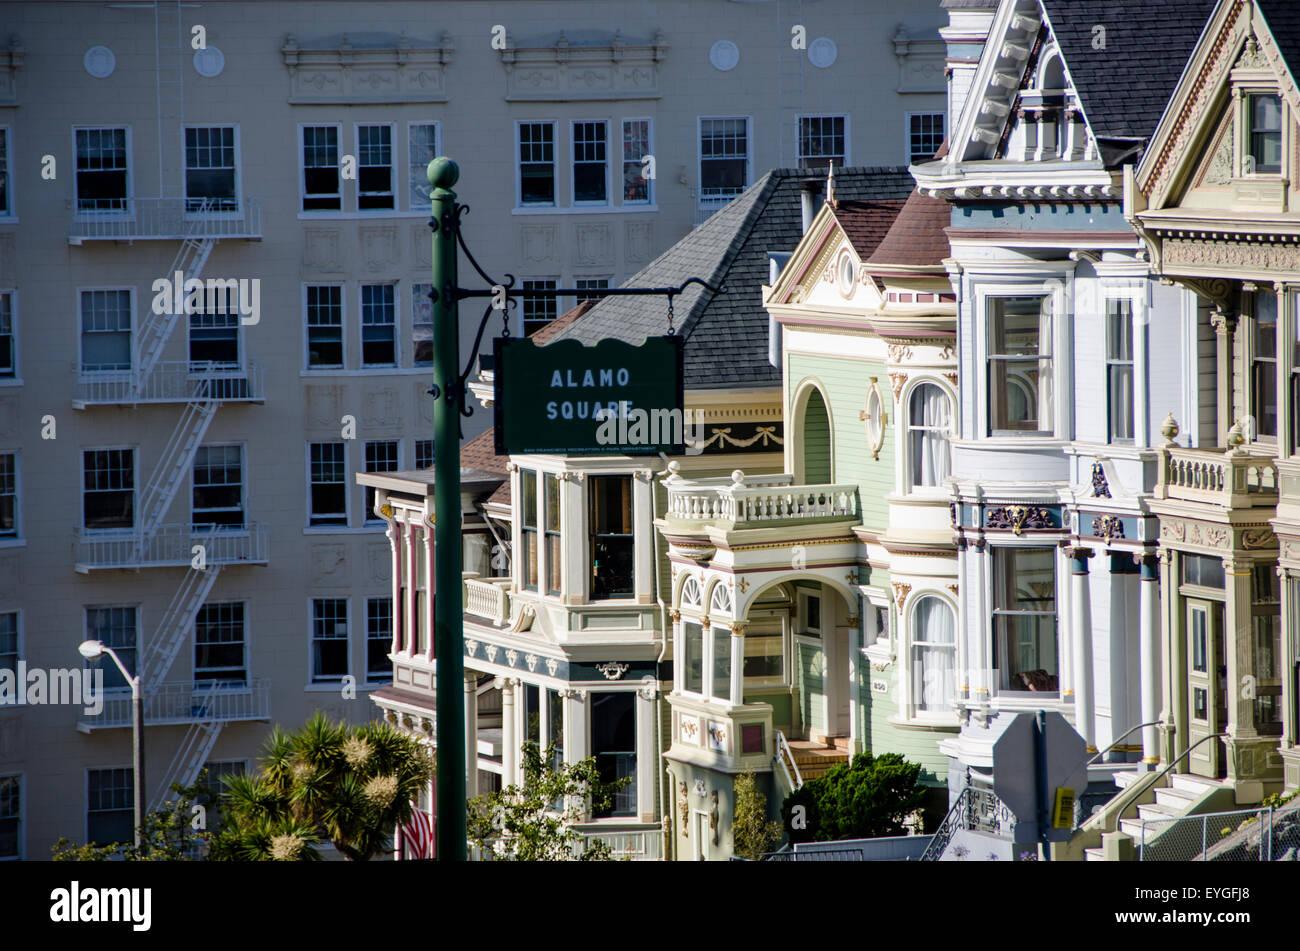 Ruines et monuments de la ville avec une âme très ancienne - San Francisco Photo Stock